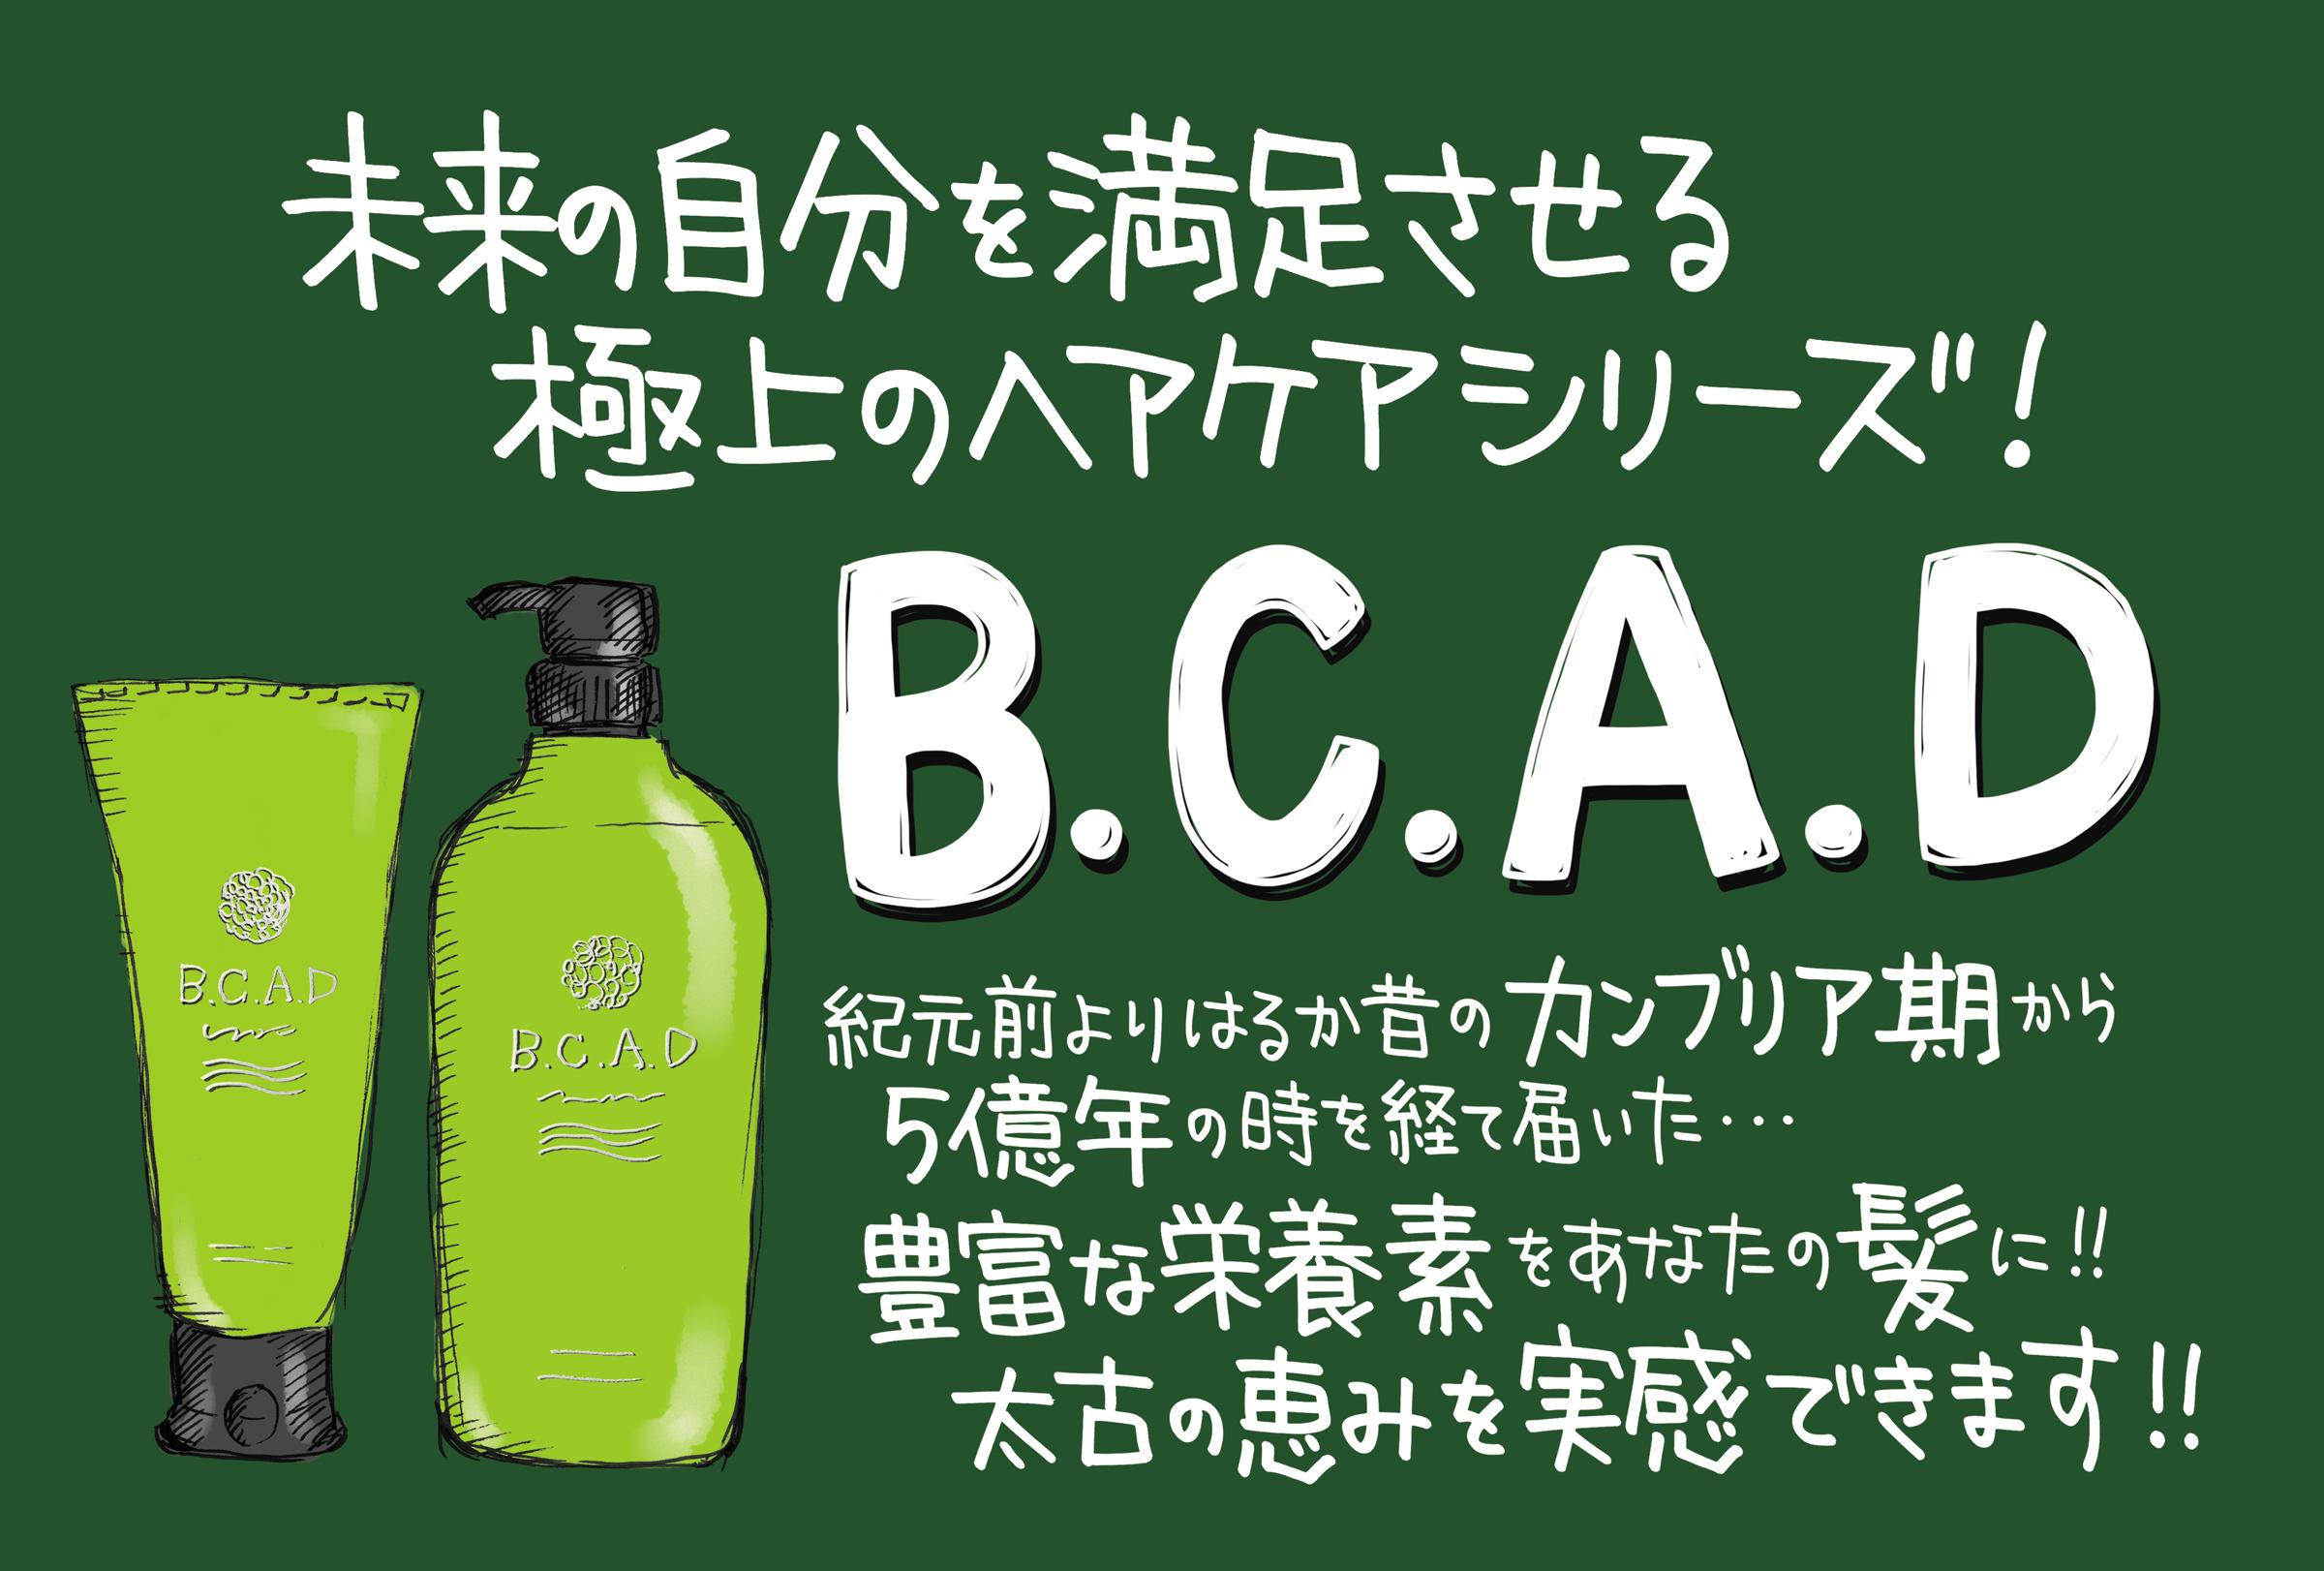 2-BCAD_A